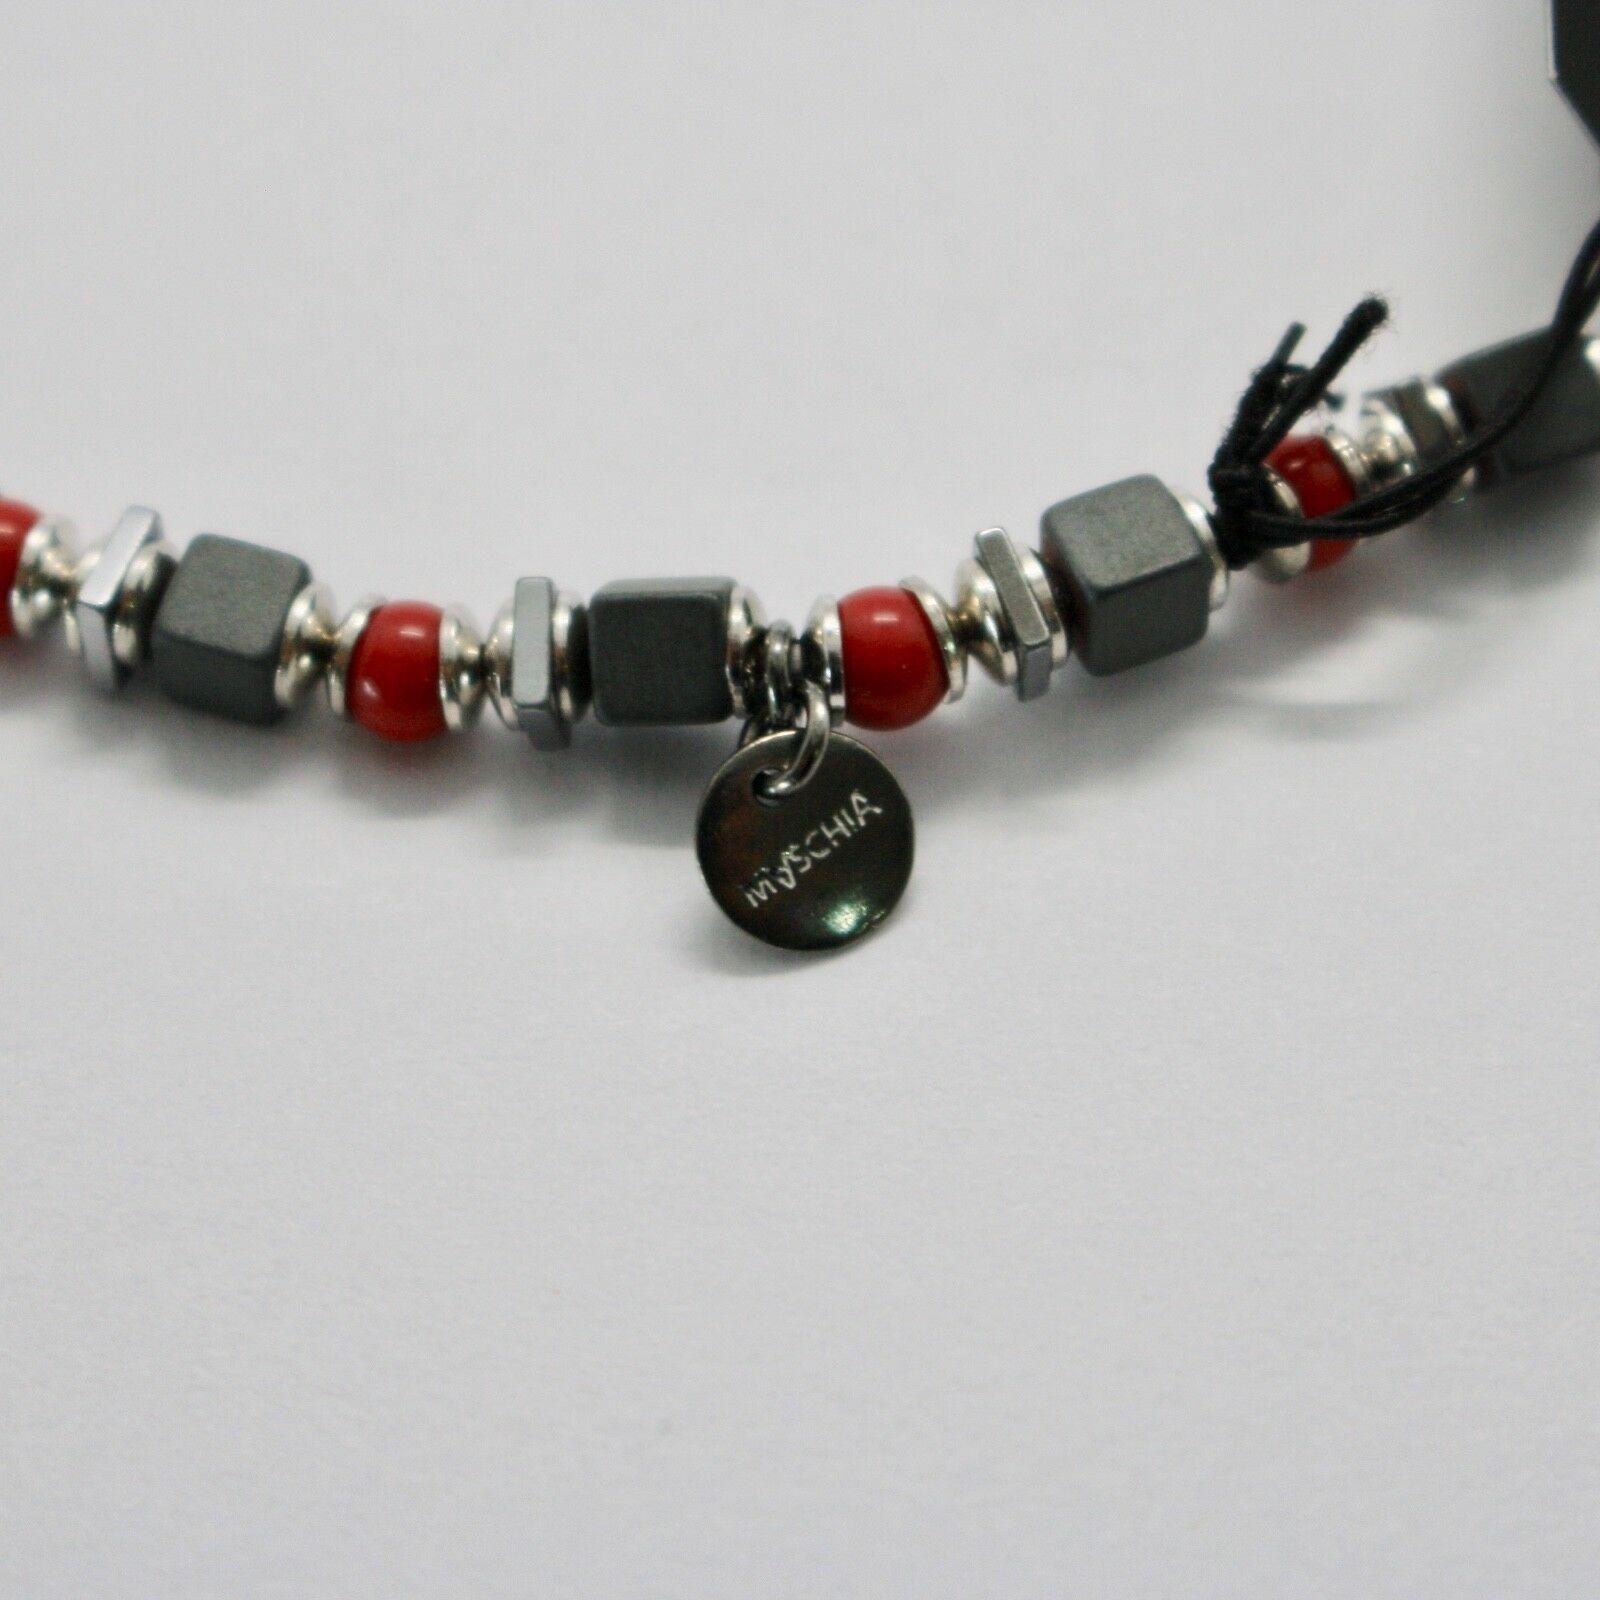 Bracelet en Argent 925 Rubis Zoïsite Corail BPAN-13 Fabriqué Italie By Maschia image 7